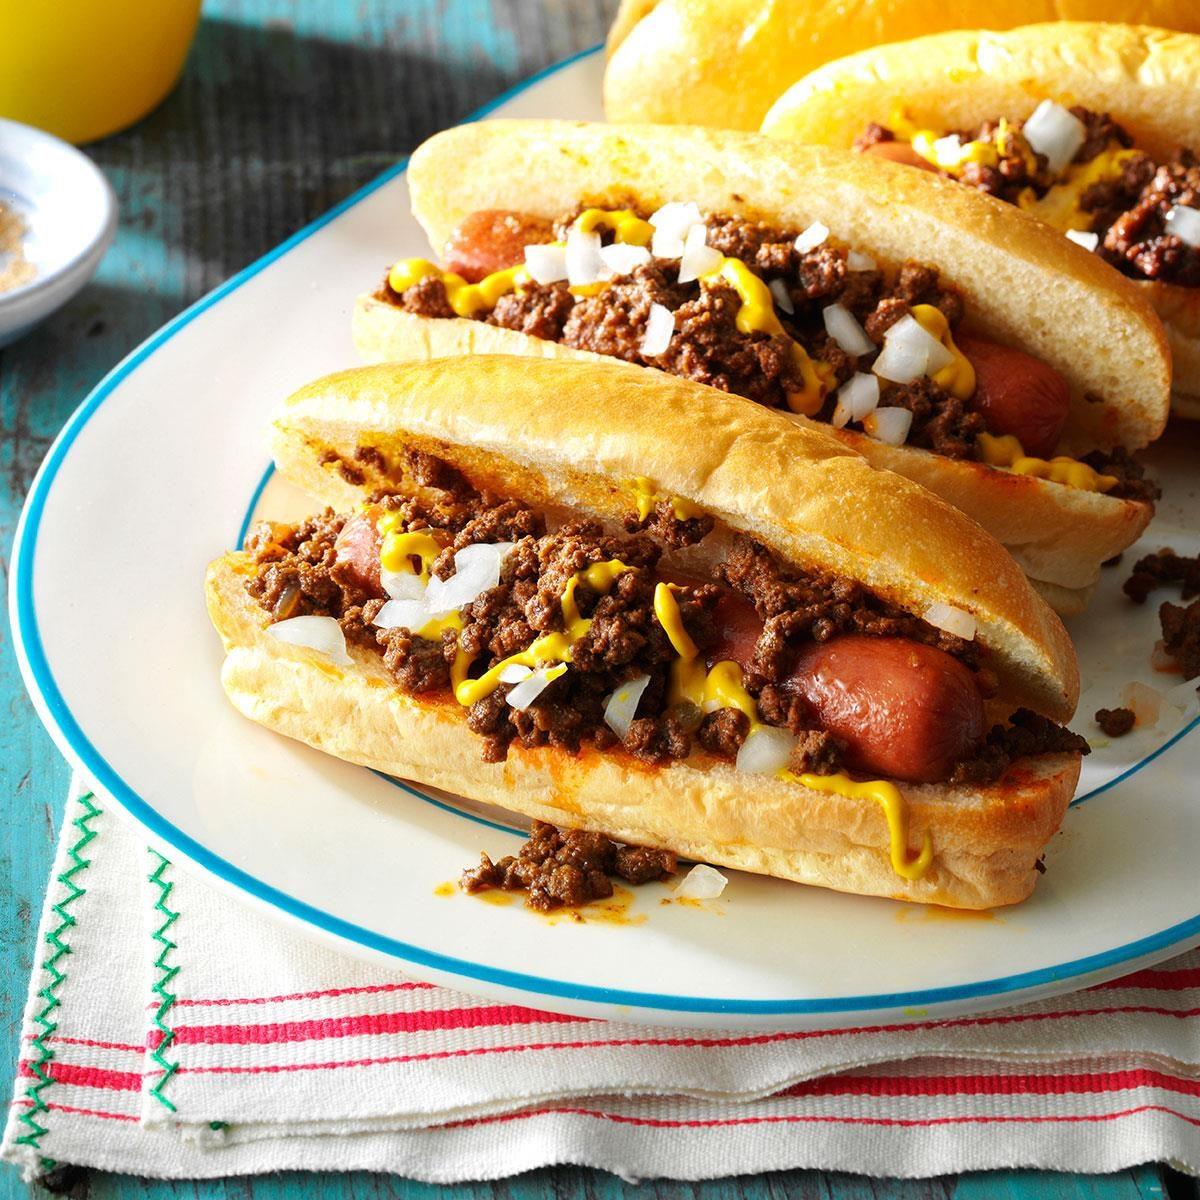 Rhode Island: Rhode Island Hot Wieners